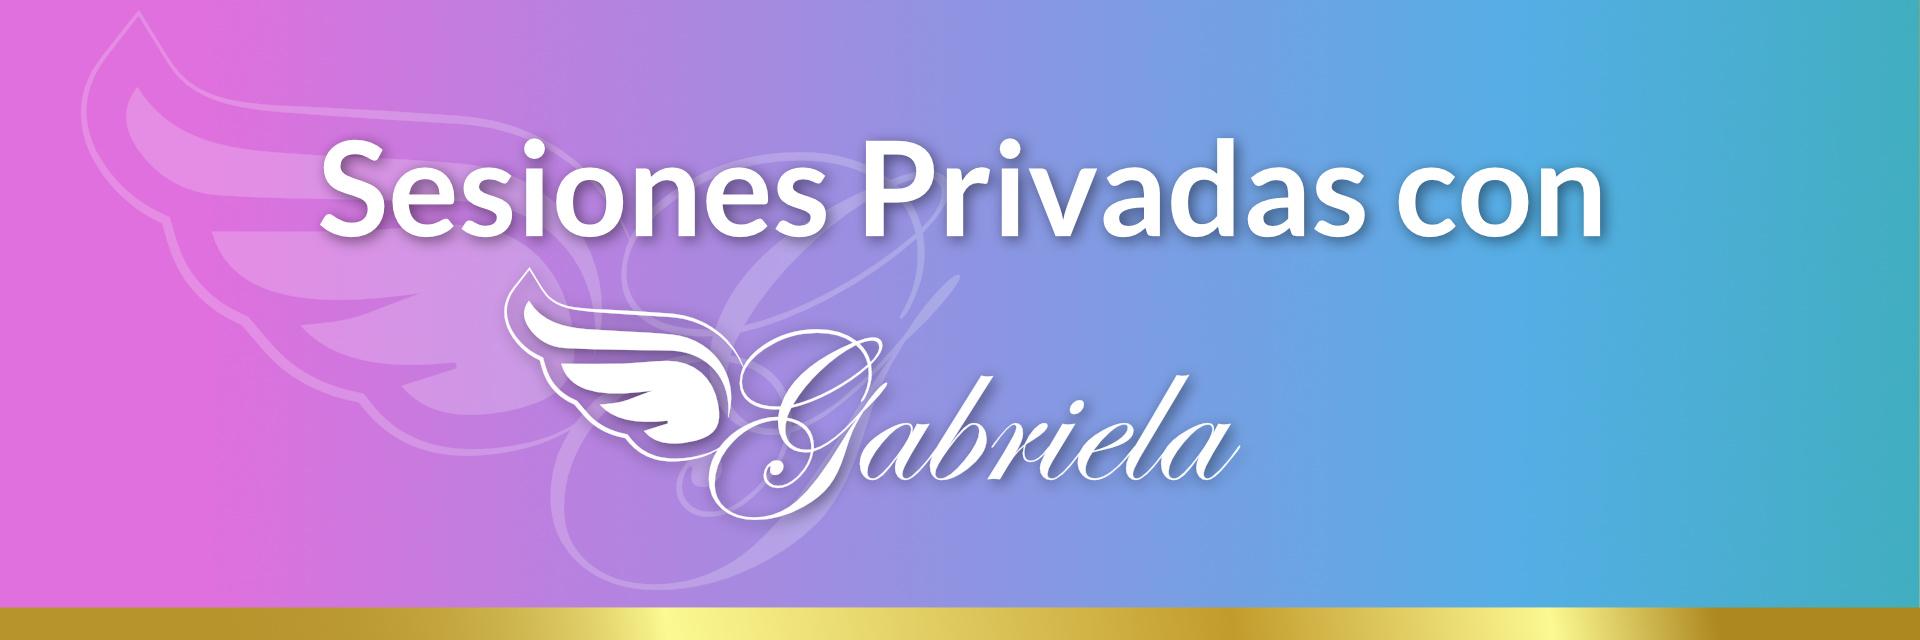 Sesiones Privadas con Gabriela